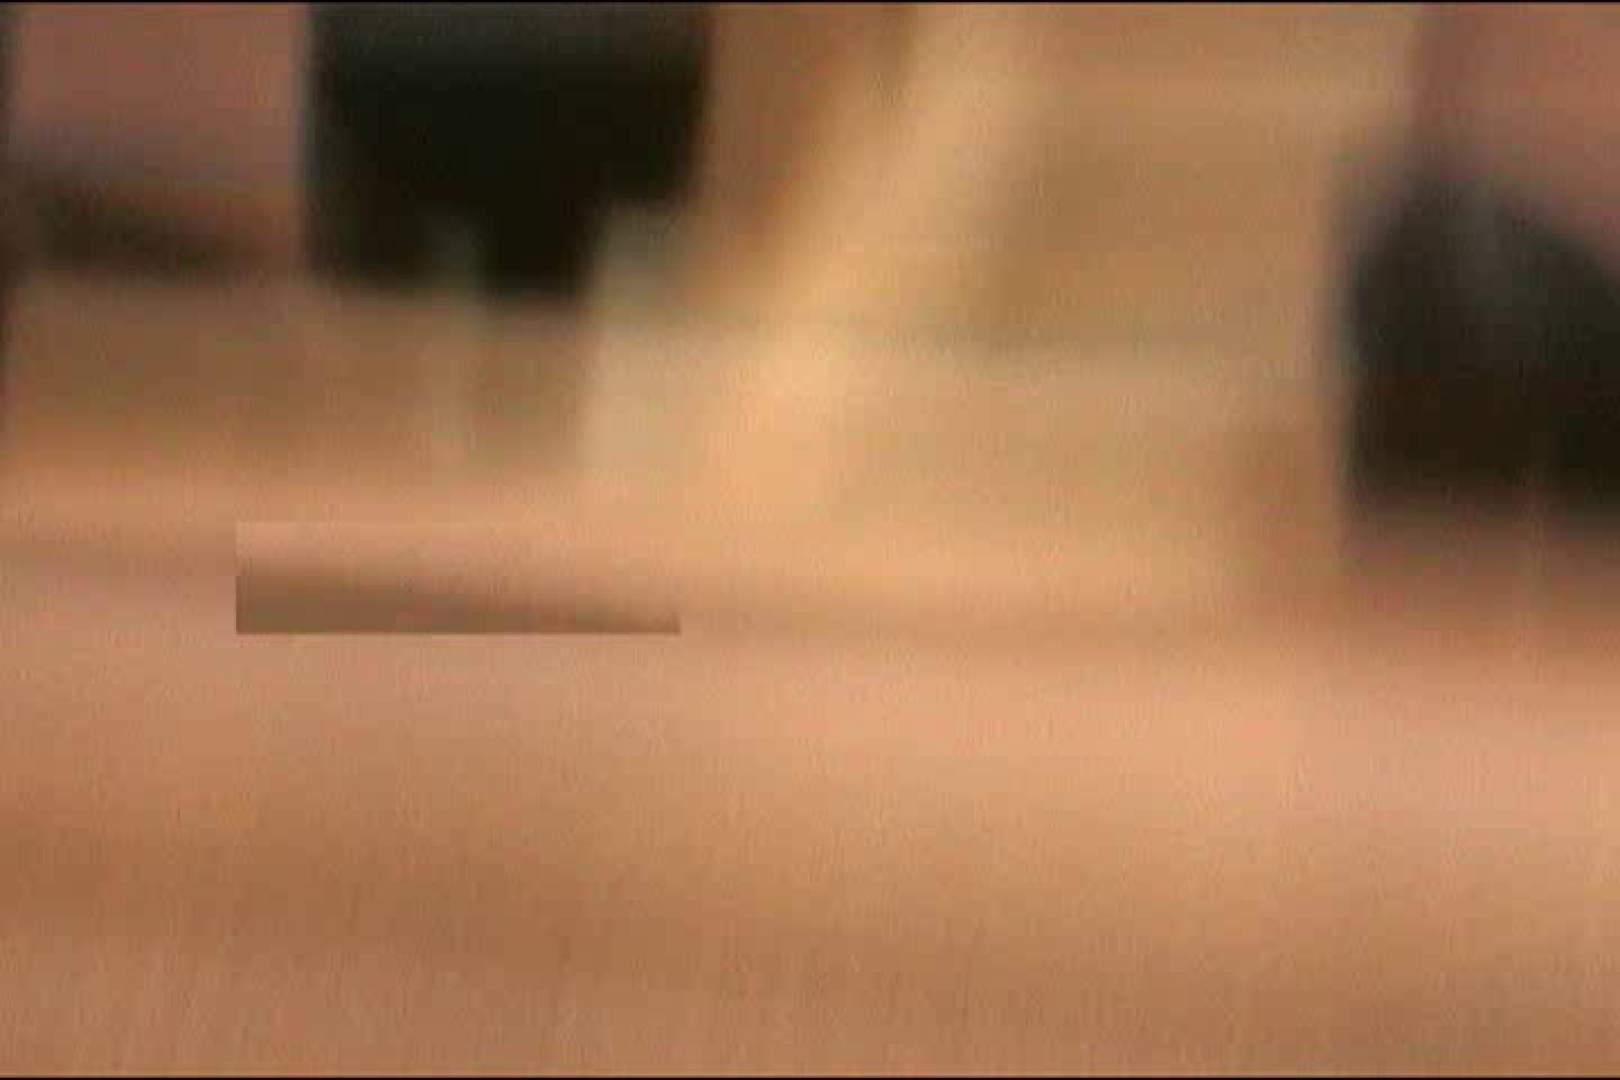 マンコ丸見え女子洗面所Vol.44 おまんこ無修正 隠し撮りオマンコ動画紹介 57pic 34